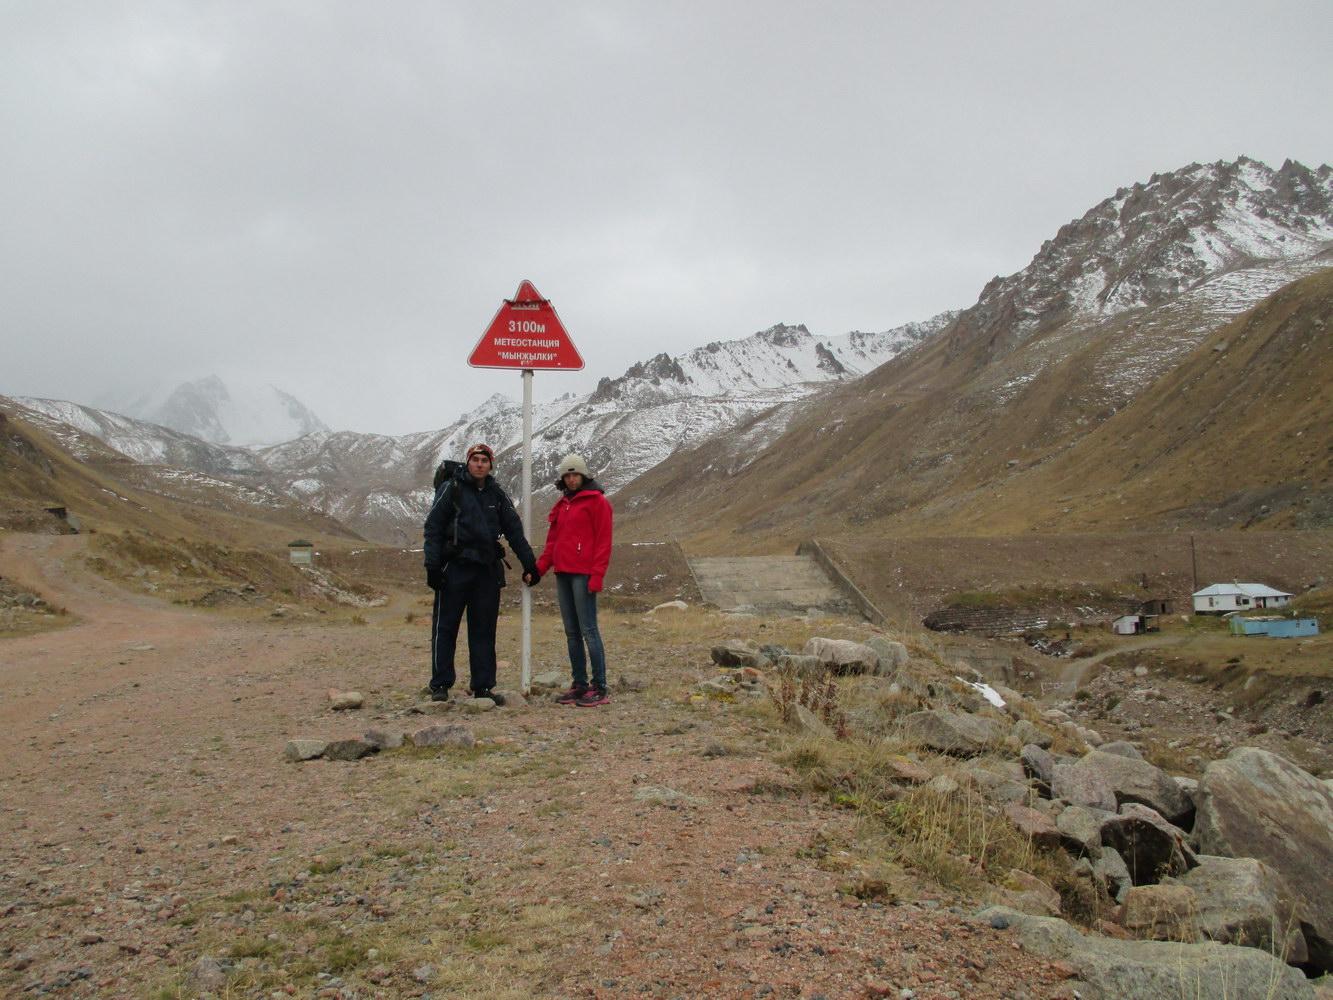 метеостанция на высоте 3100 метров. горы алатау. казахстан